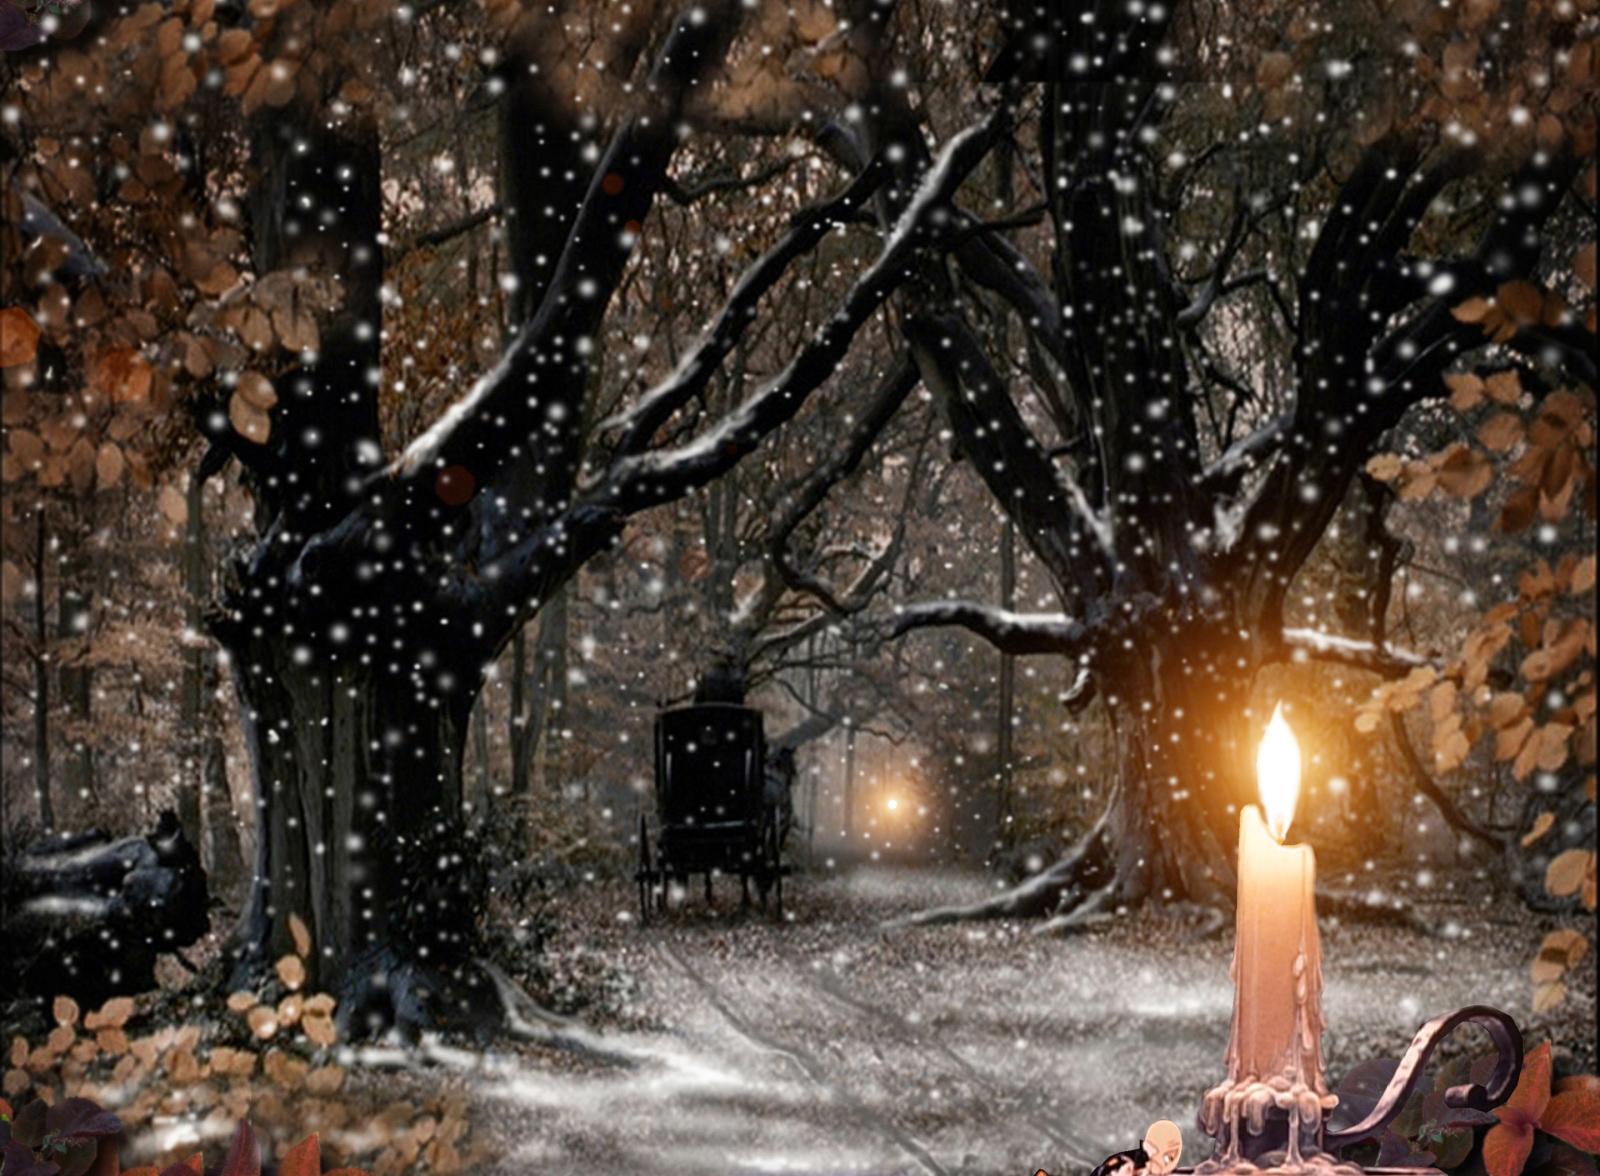 Christmas Wallpapers Christmas Snowfall Wallpapers 1600x1176